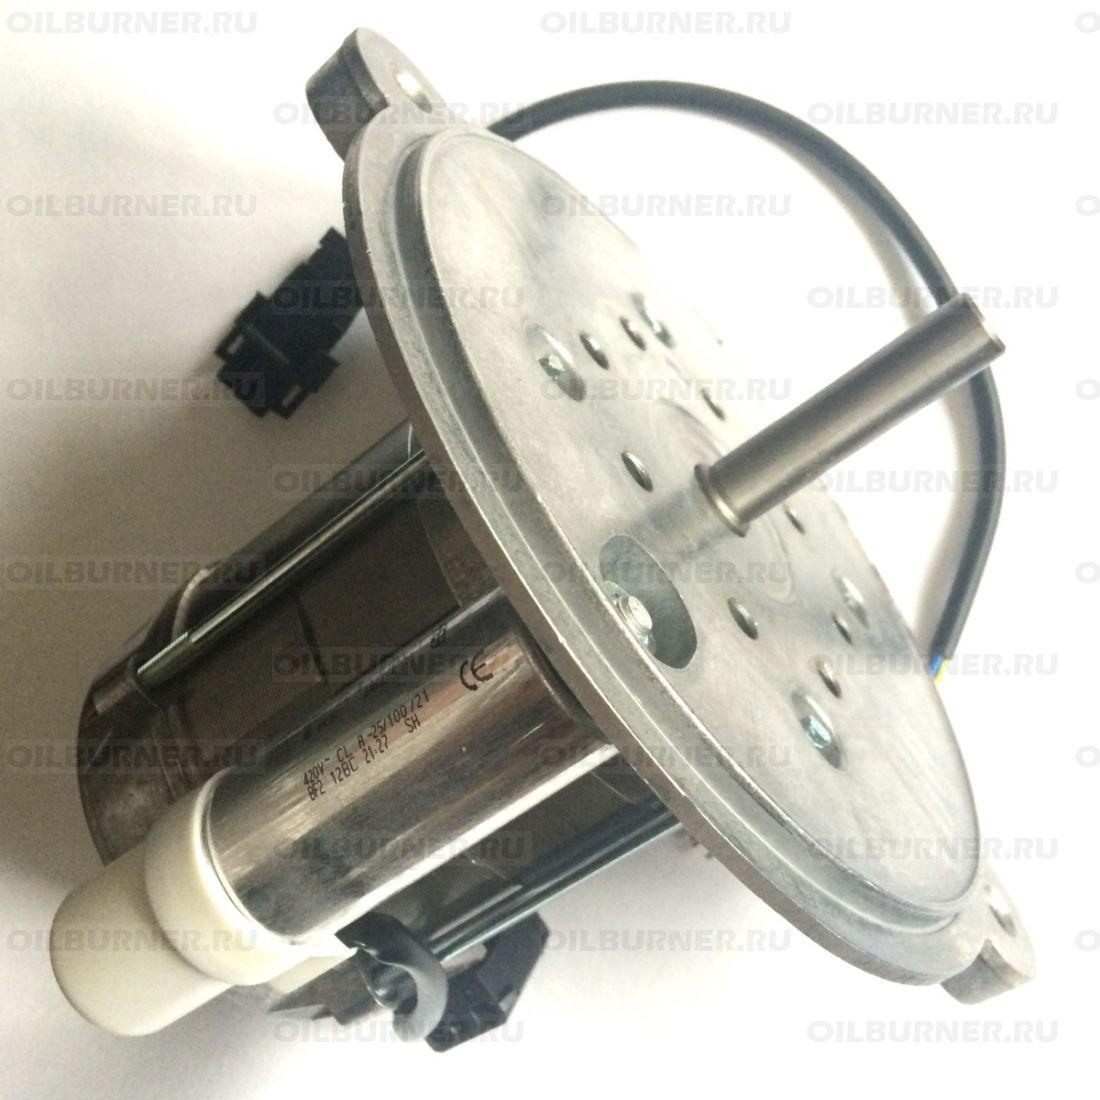 Мотор горелки GIERSCH GU 150-200